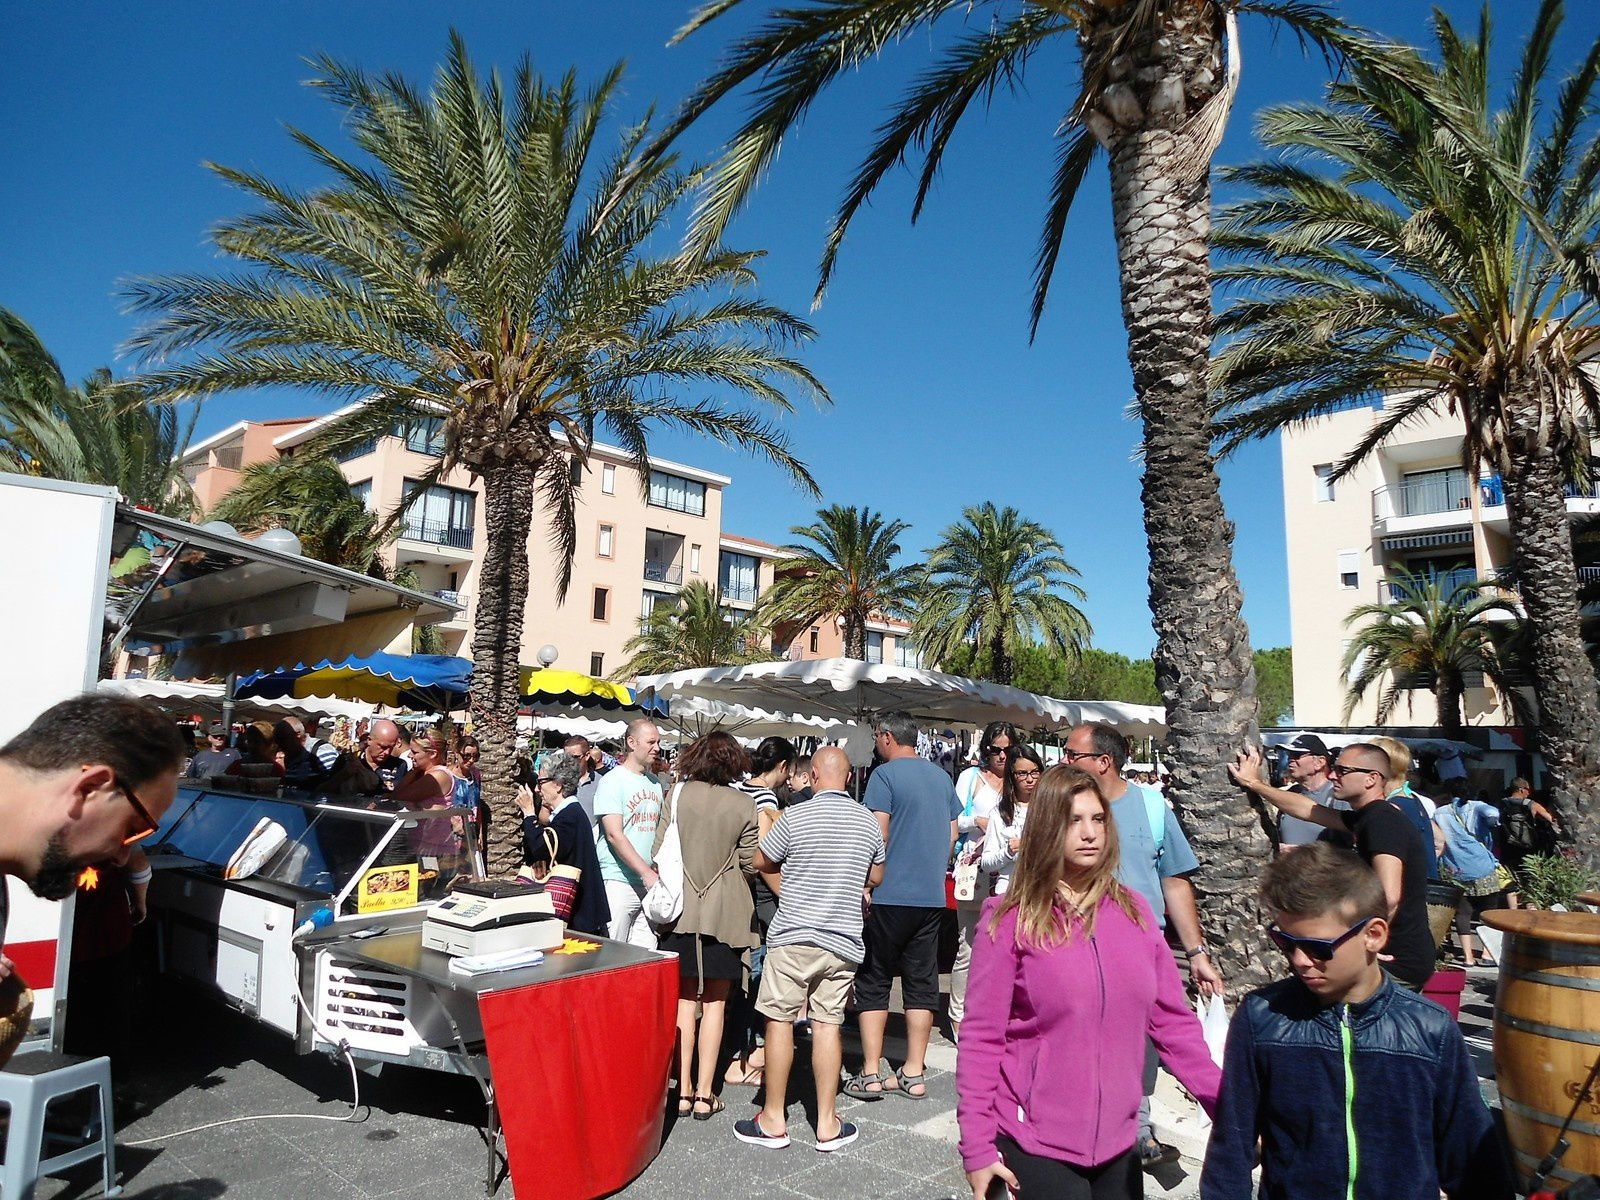 Tous les jeudis matin un immense marché se tient sur le port. Mais on peut y trouver uniquement des habits et autres objets du quotidien.